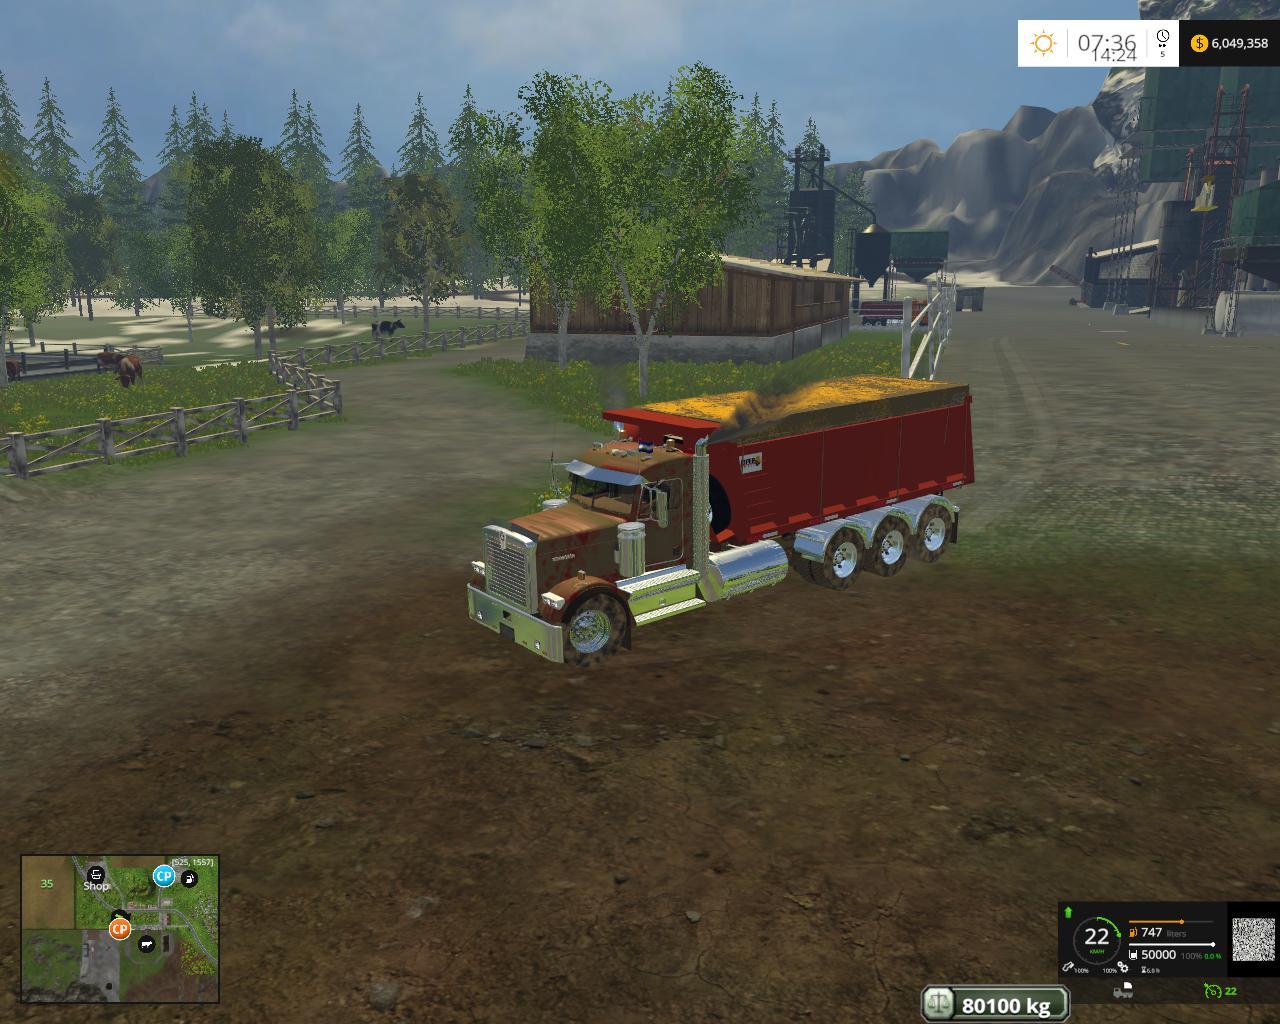 VOLQUETE V1 • Farming simulator 19, 17, 15 mods | FS19, 17, 15 mods